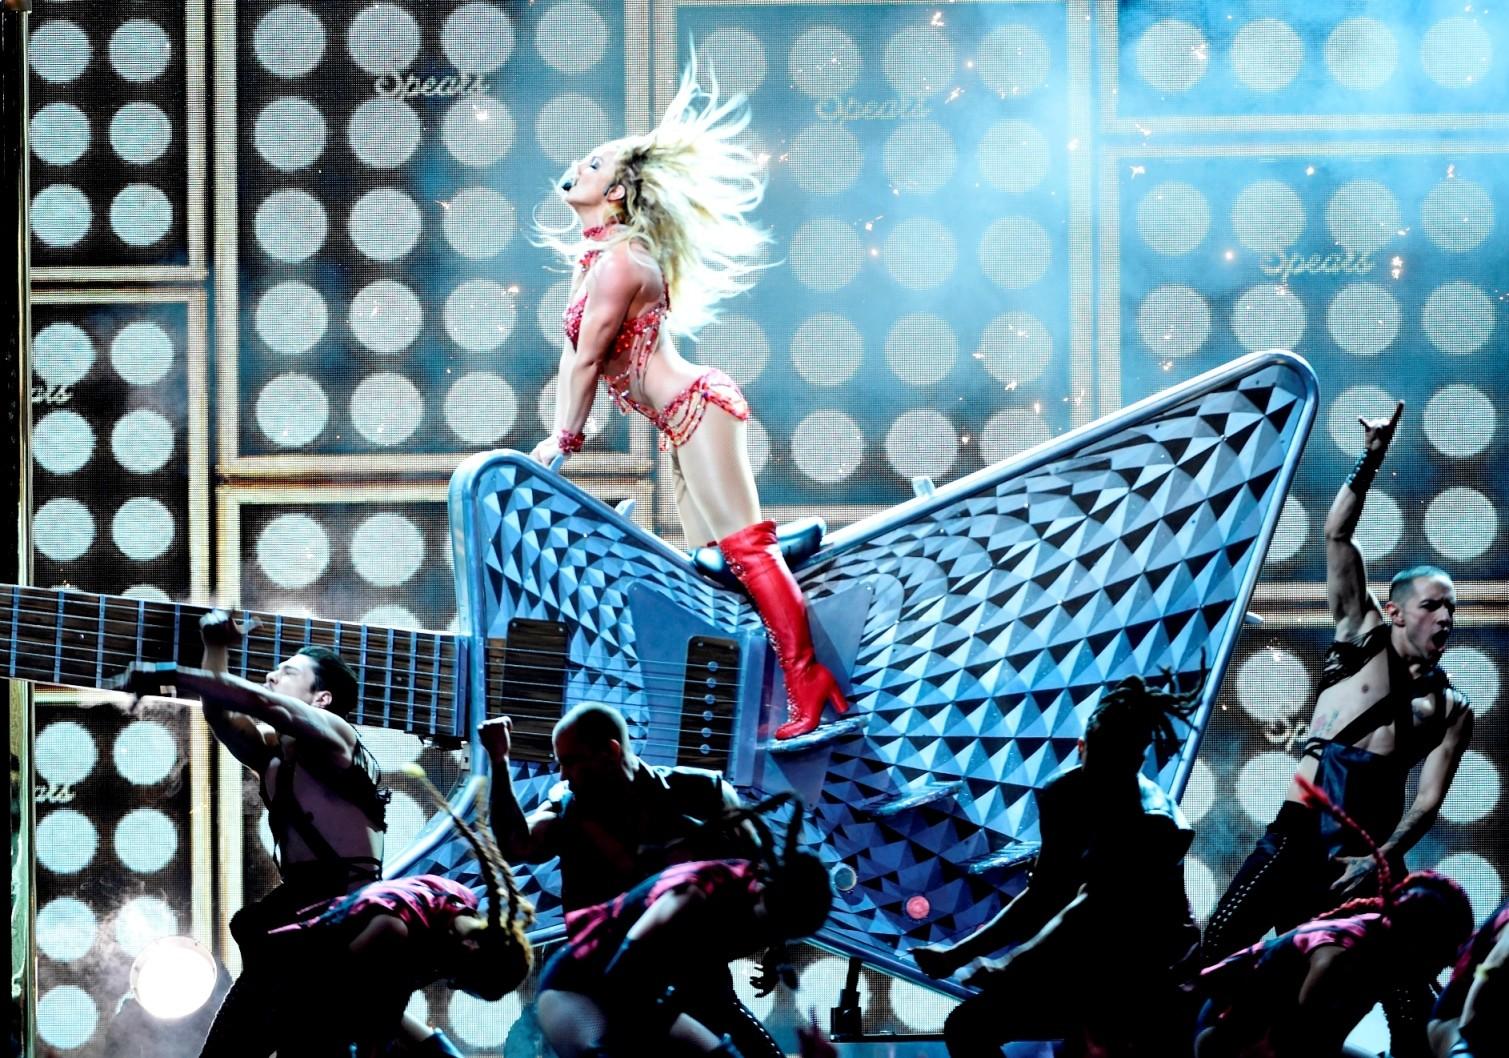 Britney Spears arrasou com medley de sucessos da carreira (Foto: Chris Pizzello/Invision/AP)